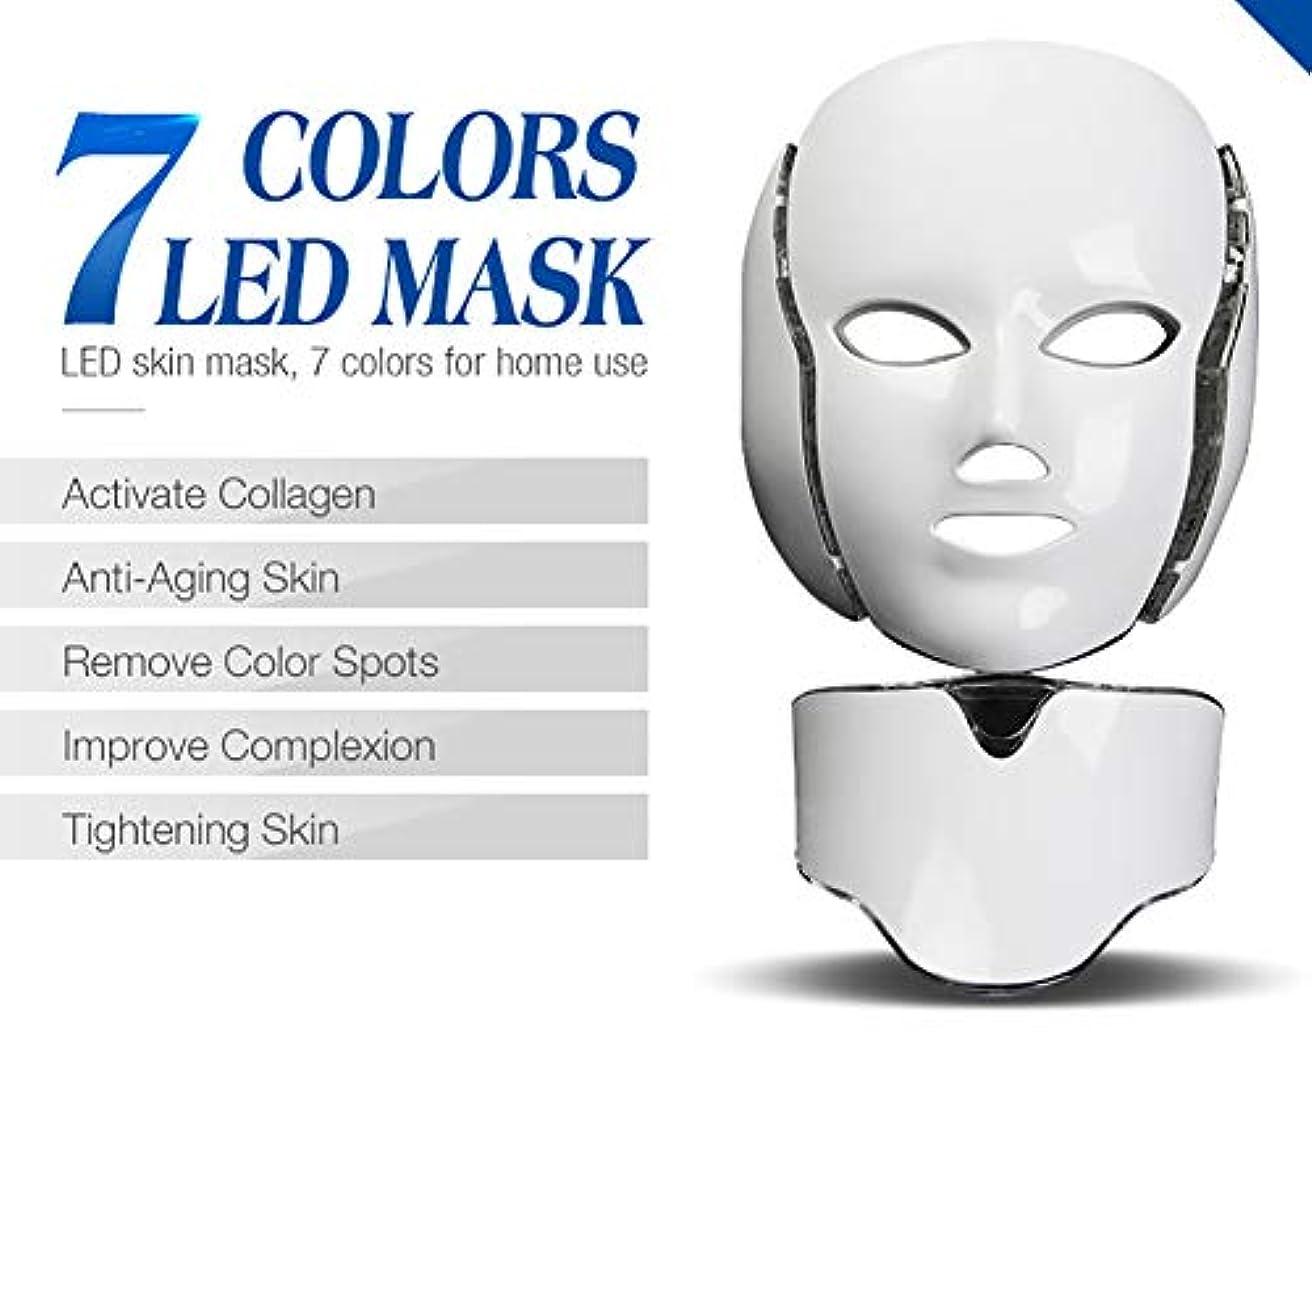 聖書スポークスマン趣味7色ledフェイスマスク、7色電気ledフェイシャルマスク付きネック肌の若返り抗にきびシワ美容トリートメントサロンホームユース